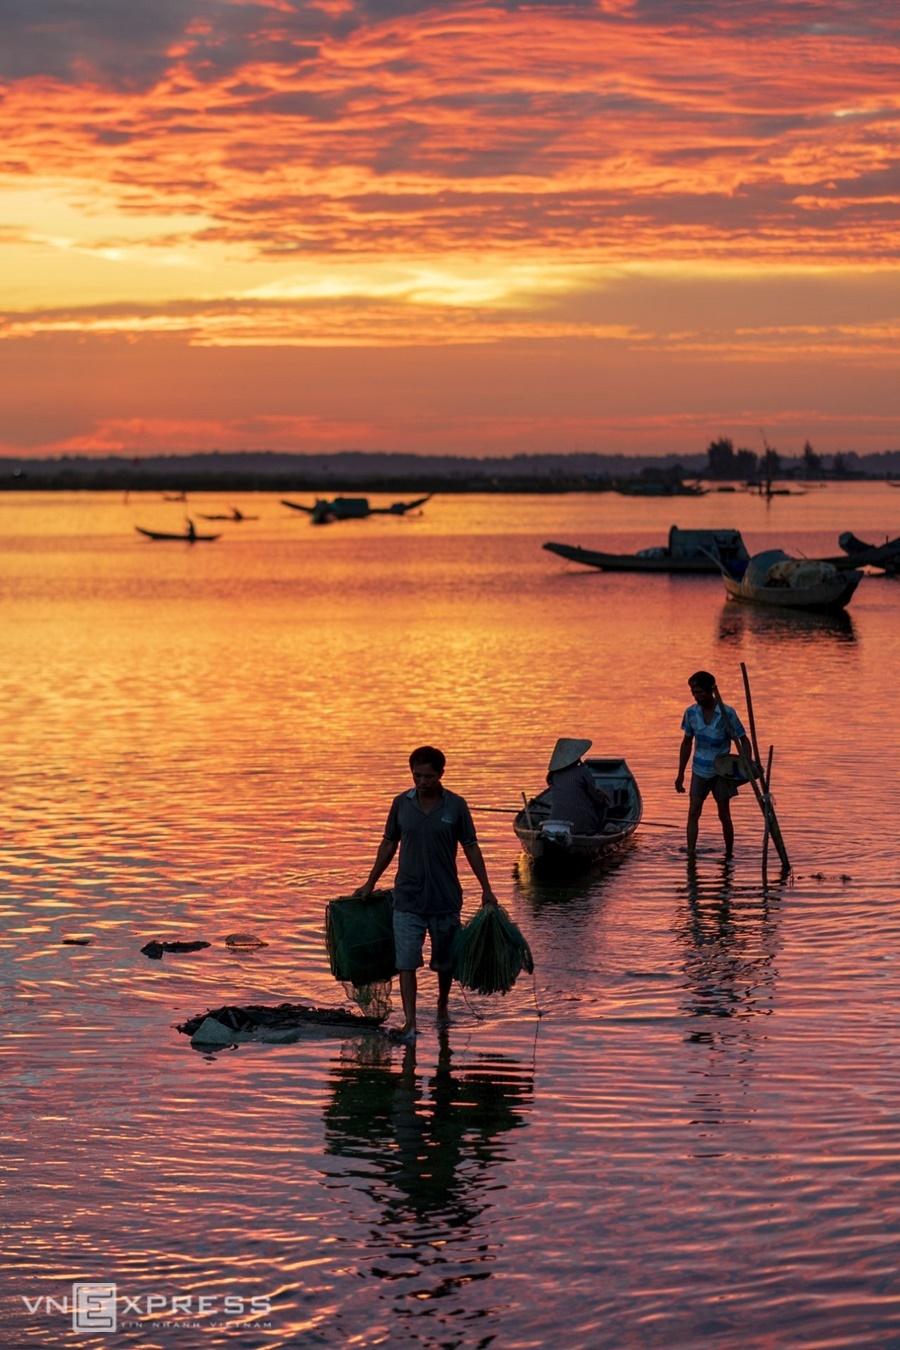 Chiều tối hôm trước là lúc ngư dân đi đặt lưới, thả lừ trên đầm và quay về lúc hừng sáng họp chợ.